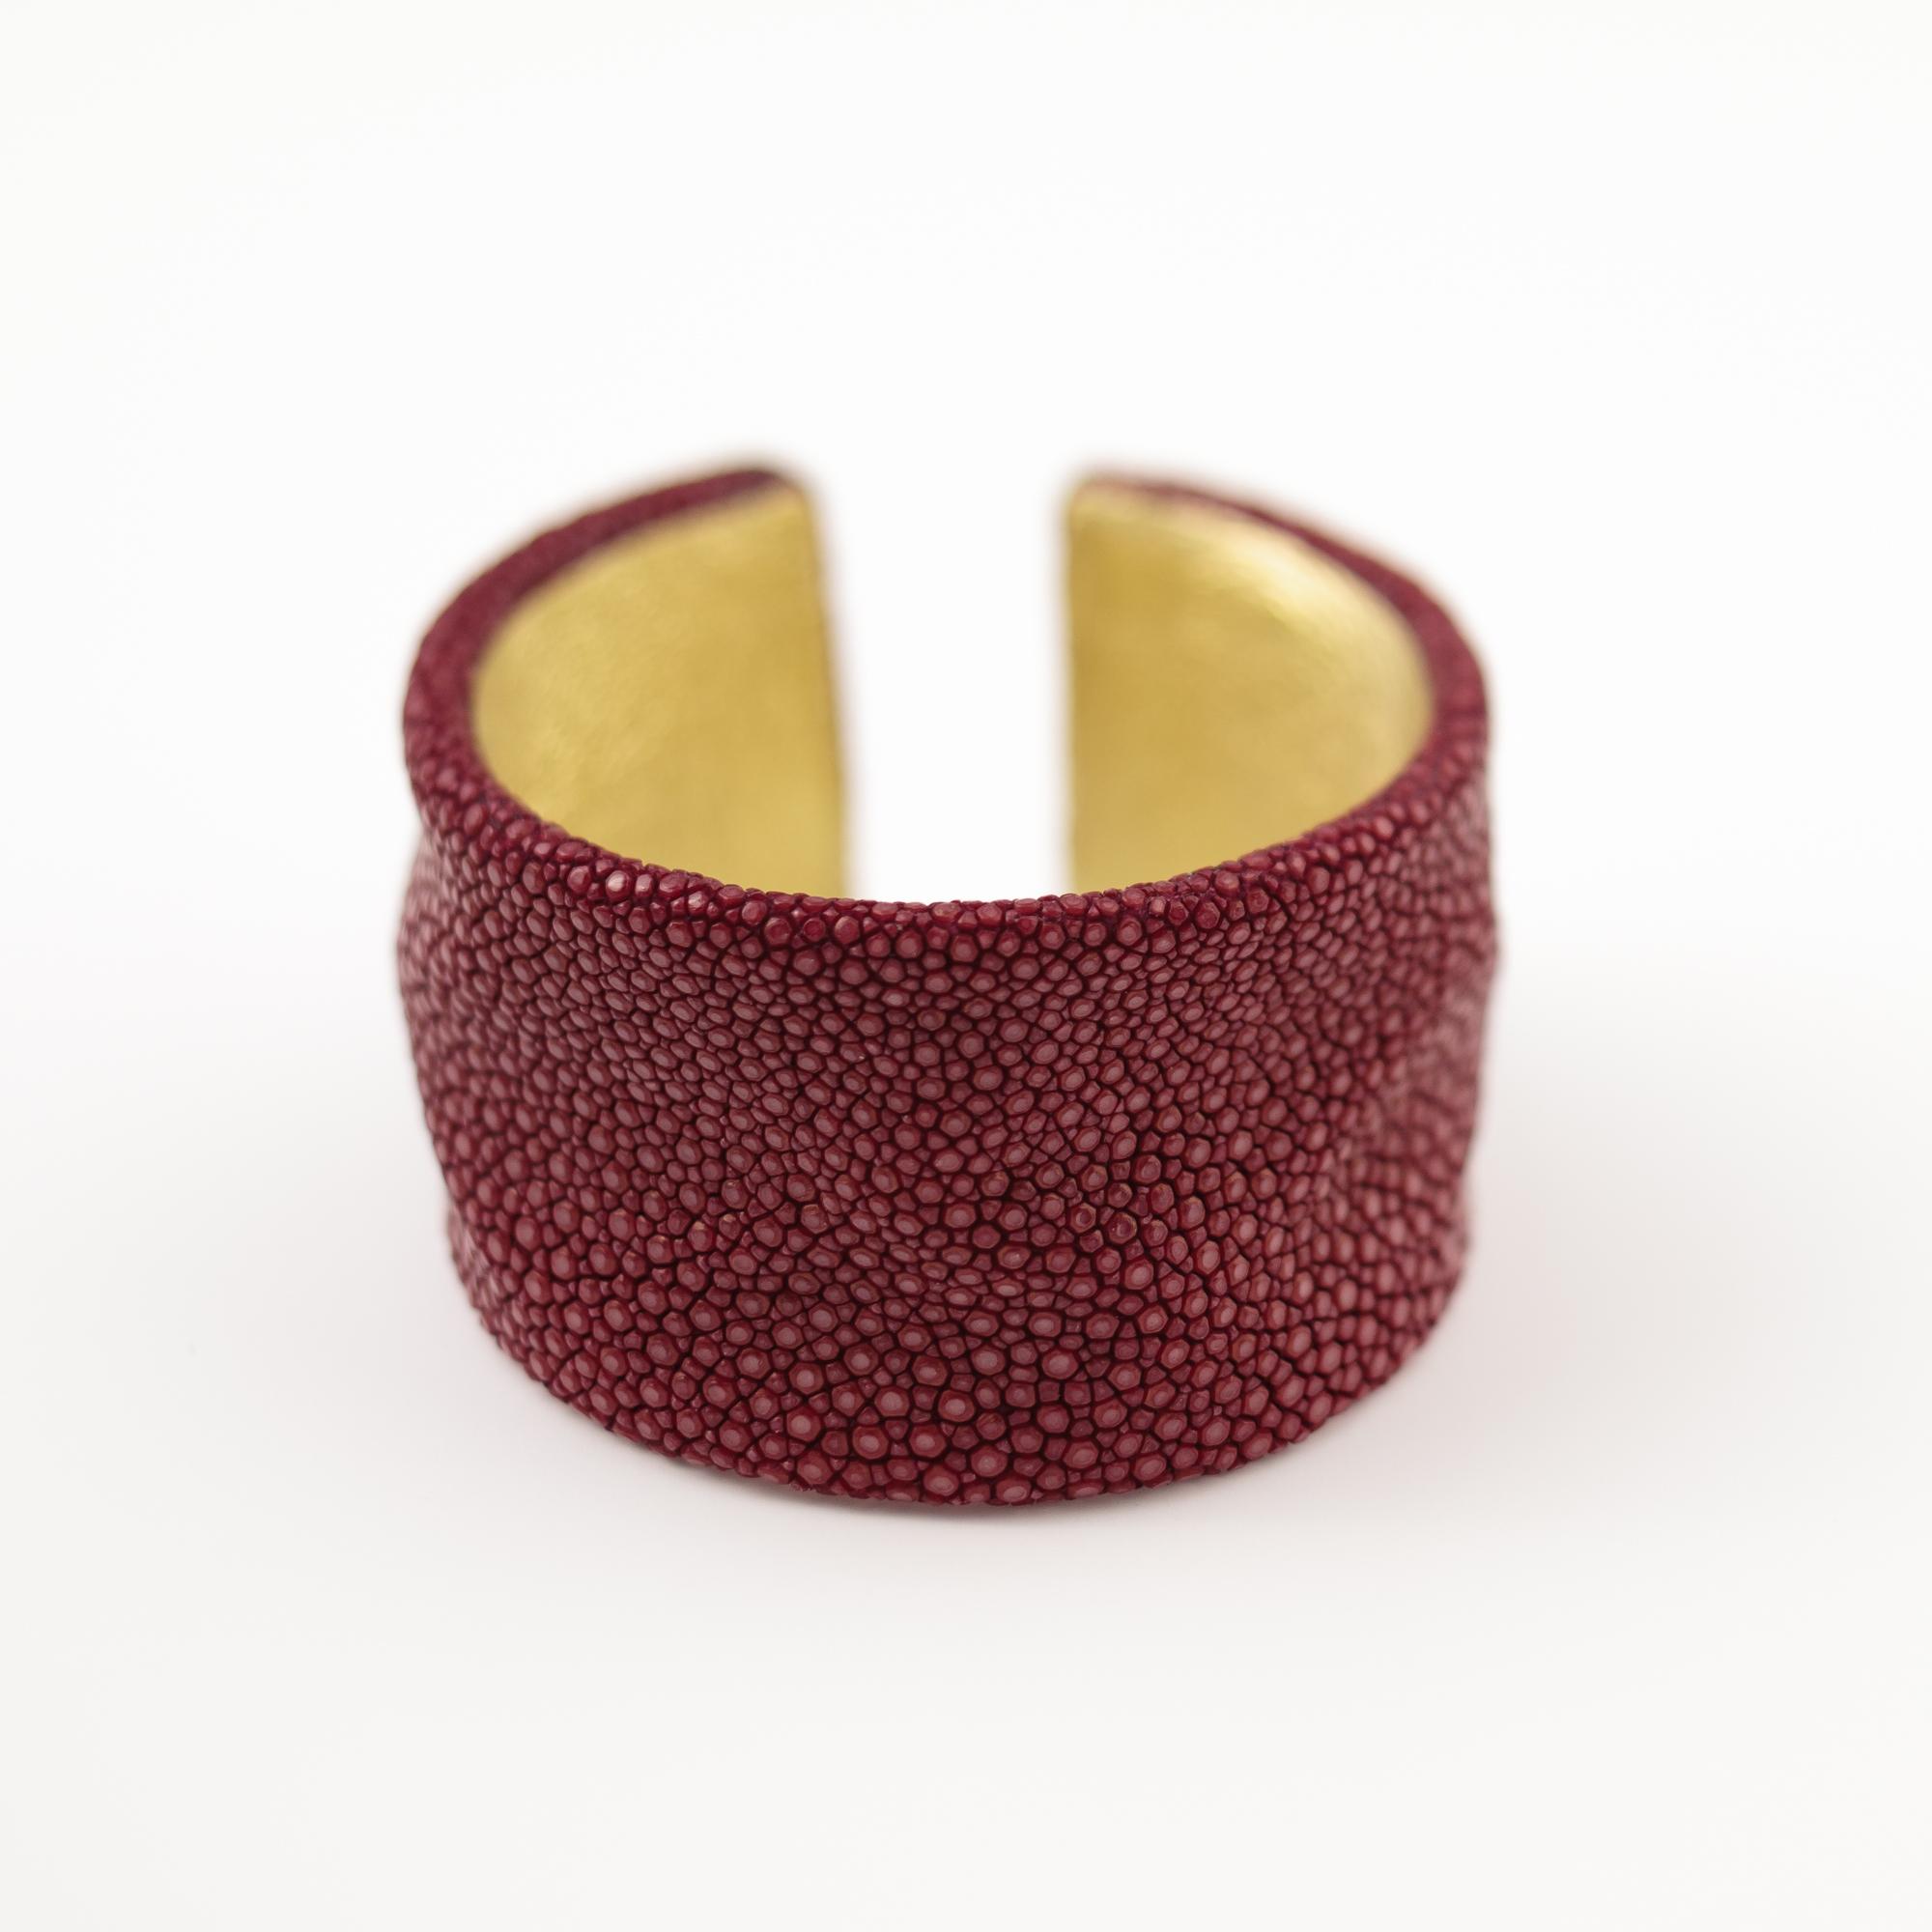 tresor-by-flore-galuchat-bracelet-froisse-bordeaux